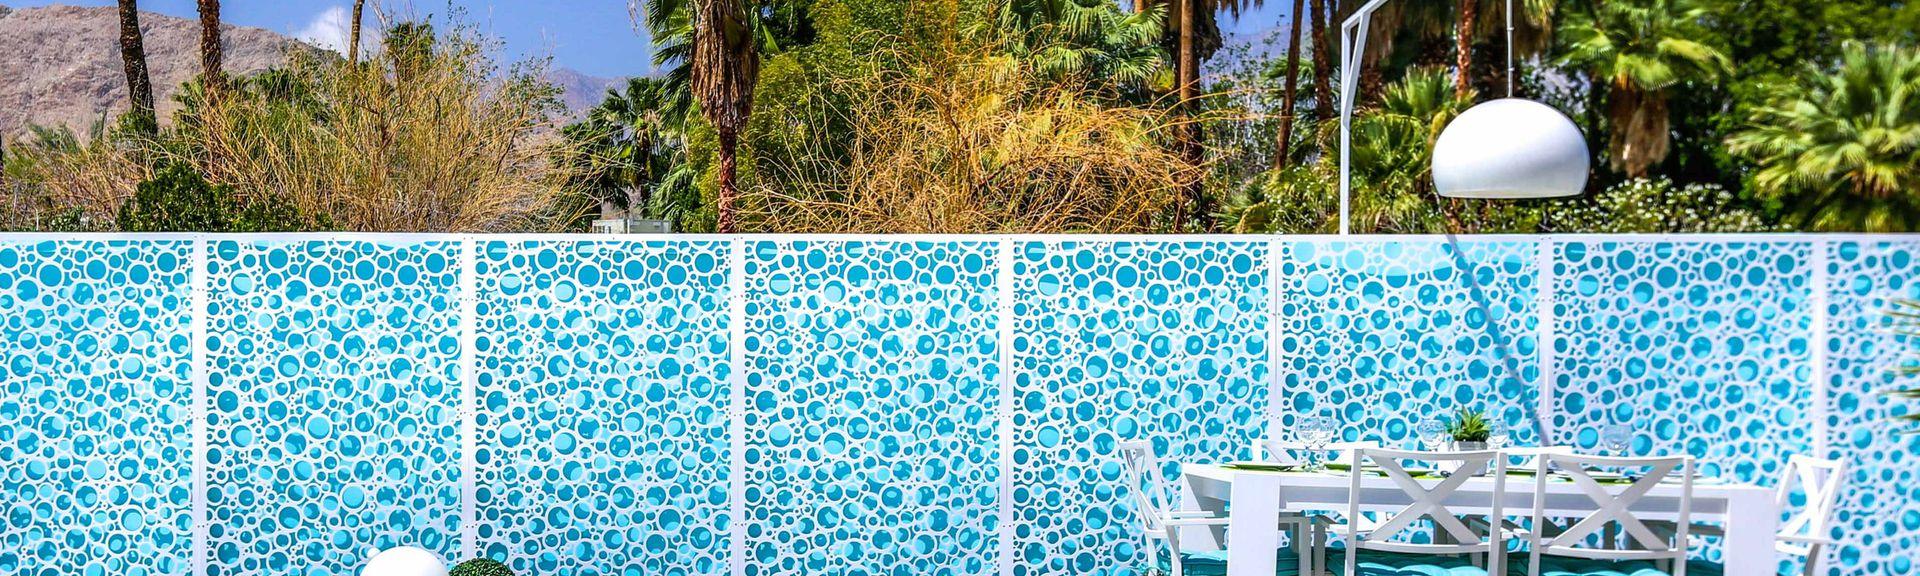 Rancho Las Flores Park, Coachella, CA, USA